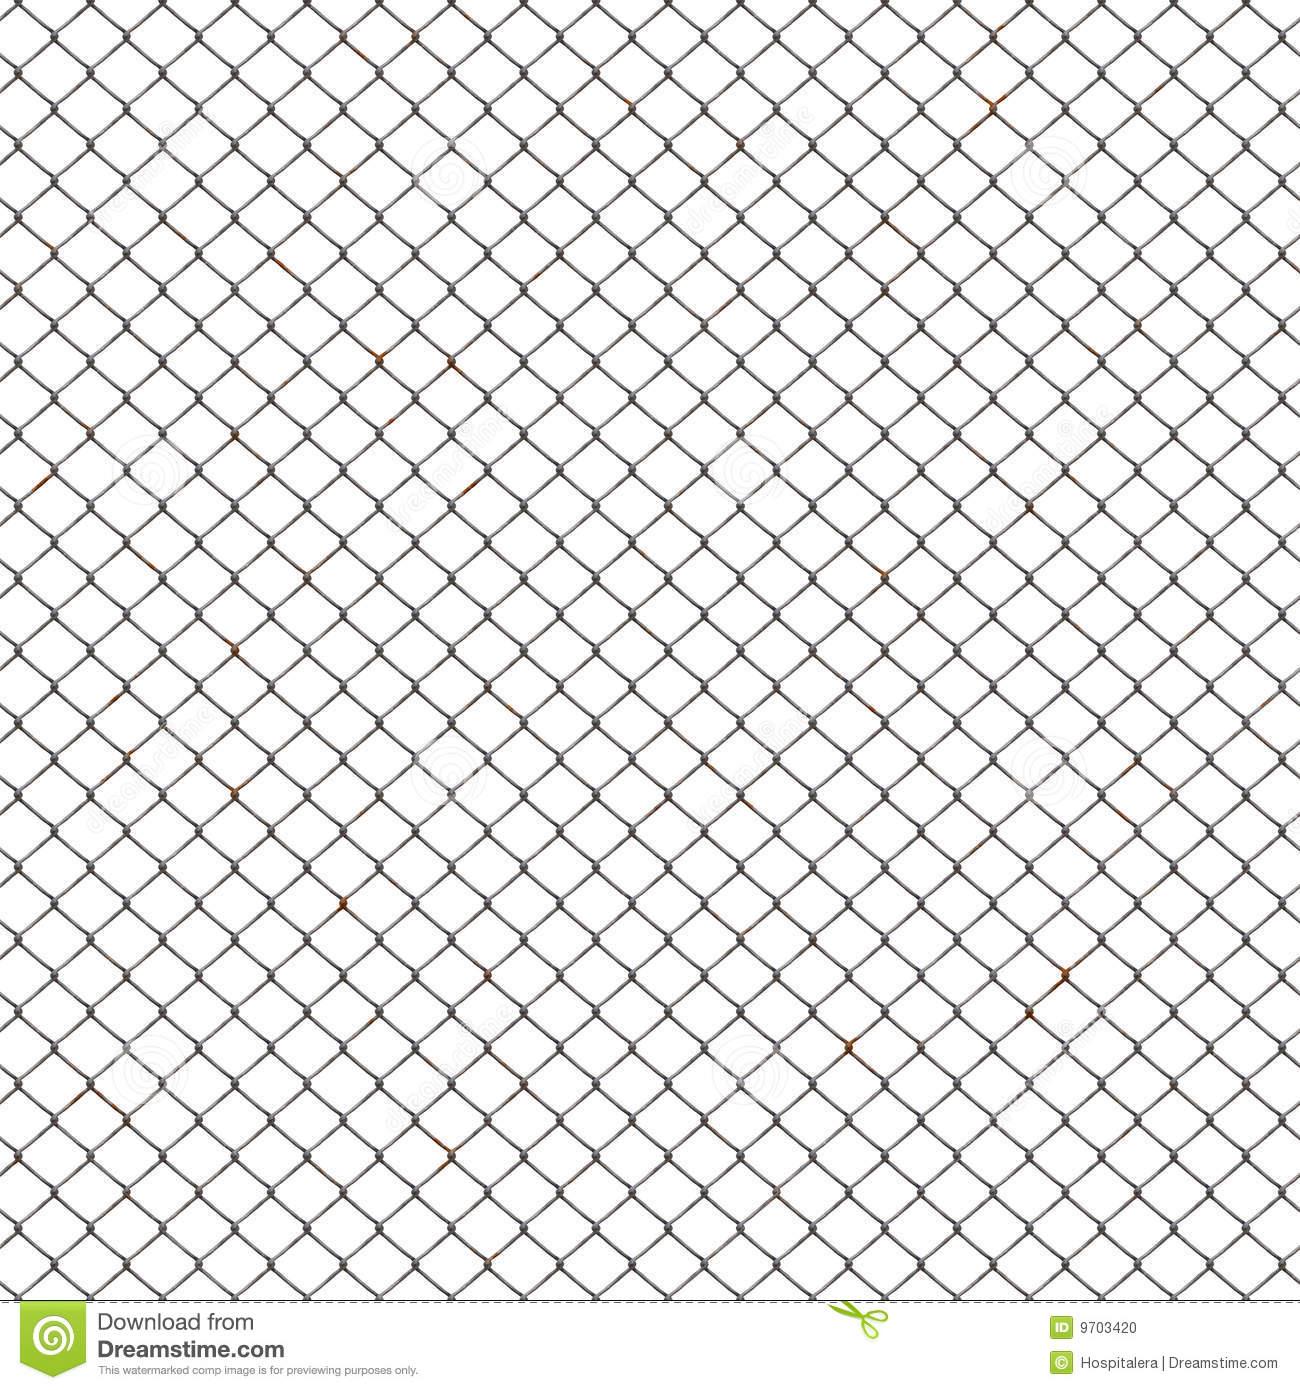 chicken wire wallpaper - Design Decoration